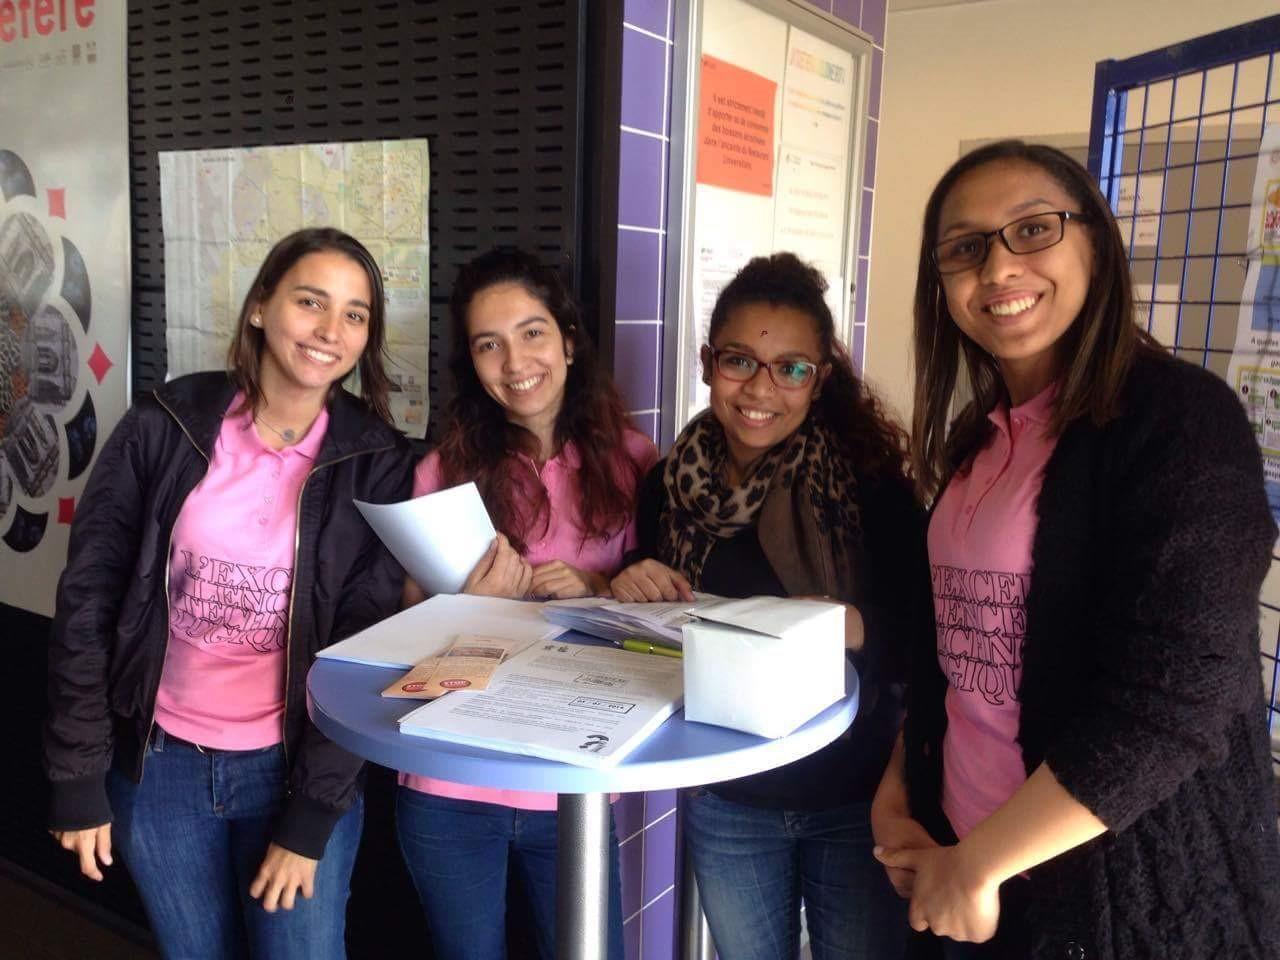 Les étudiantes à l'origine du projet de sensibilisation